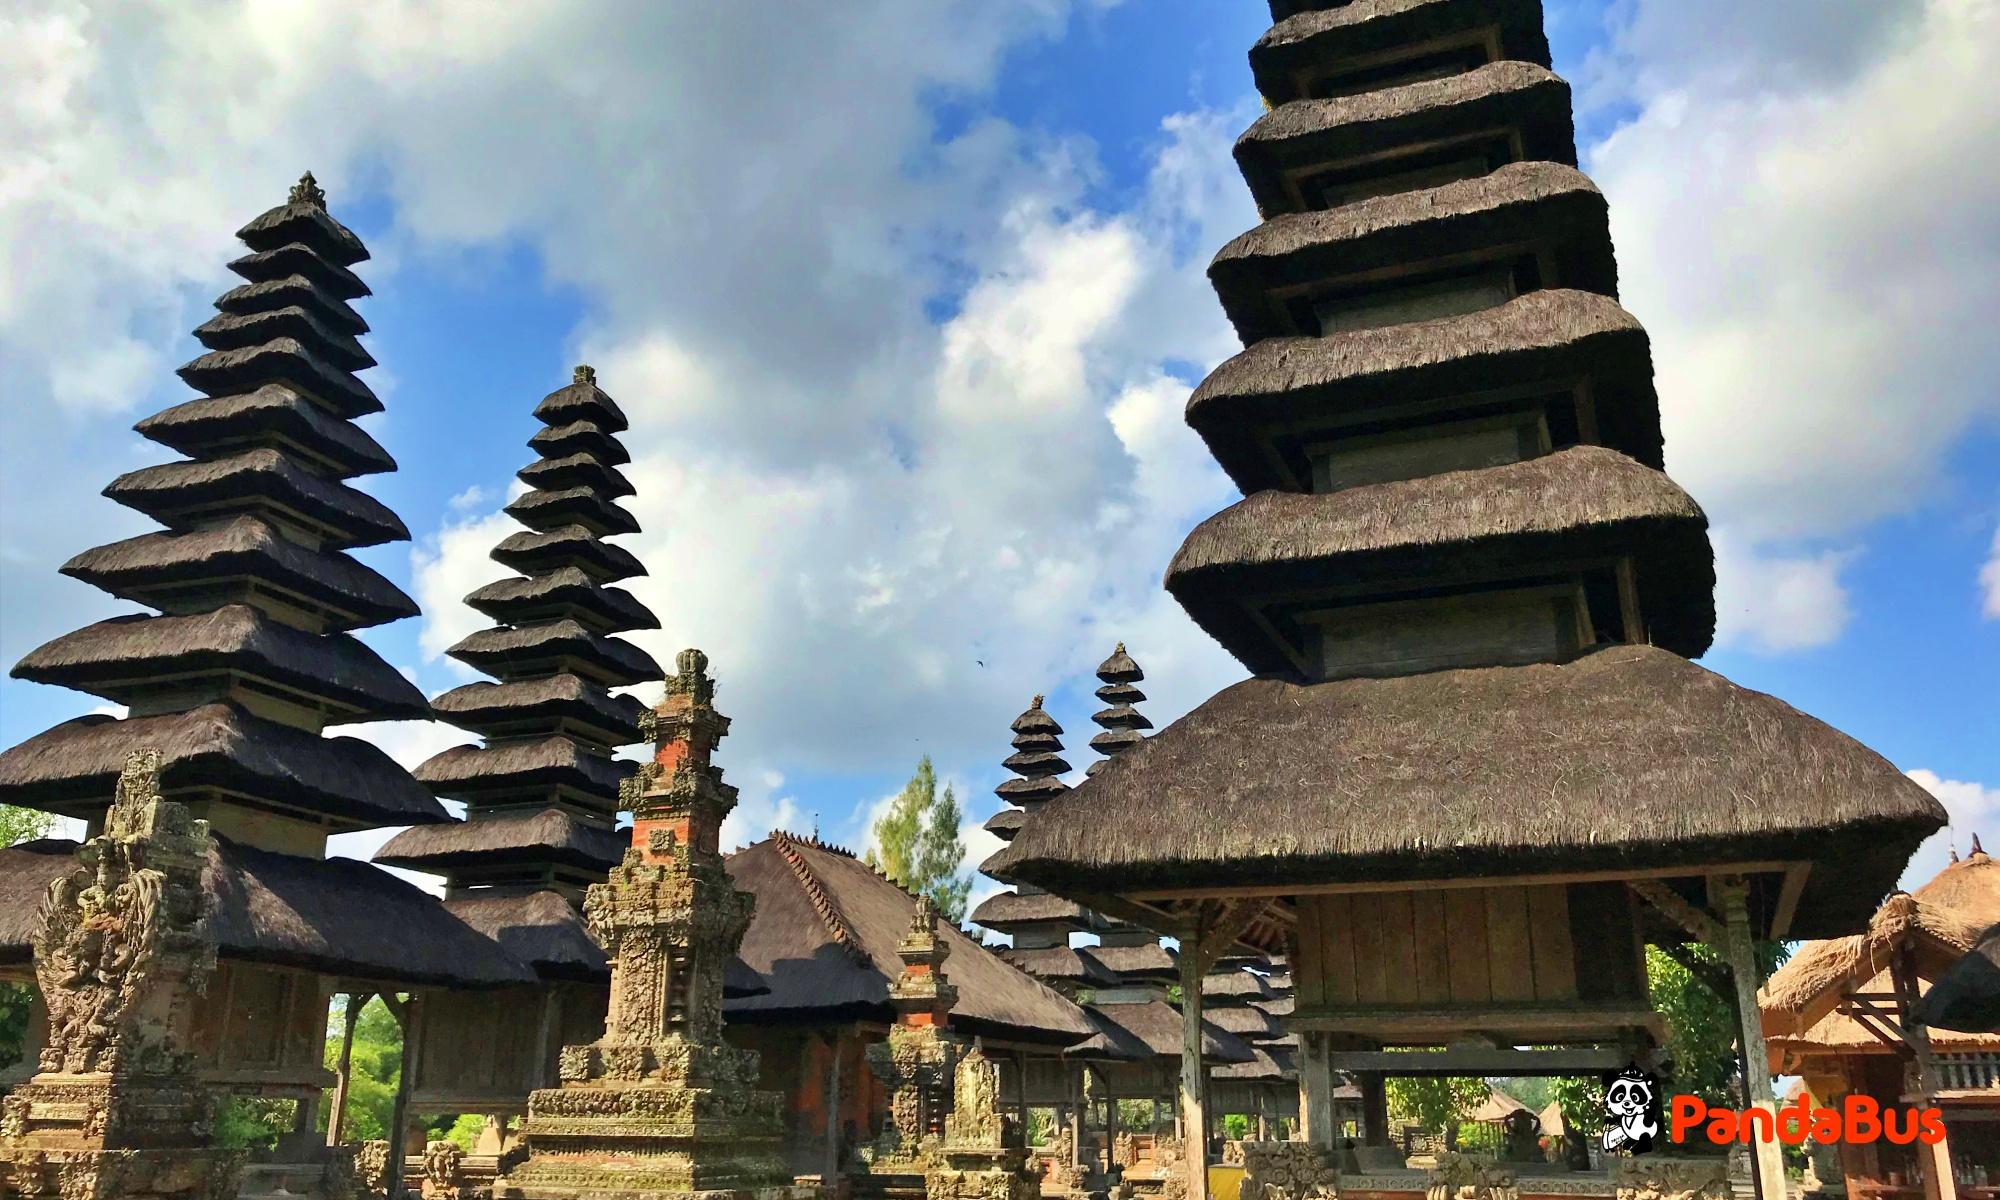 世界遺産『タマンアユン寺院』湖の女神を祀る美しい寺院